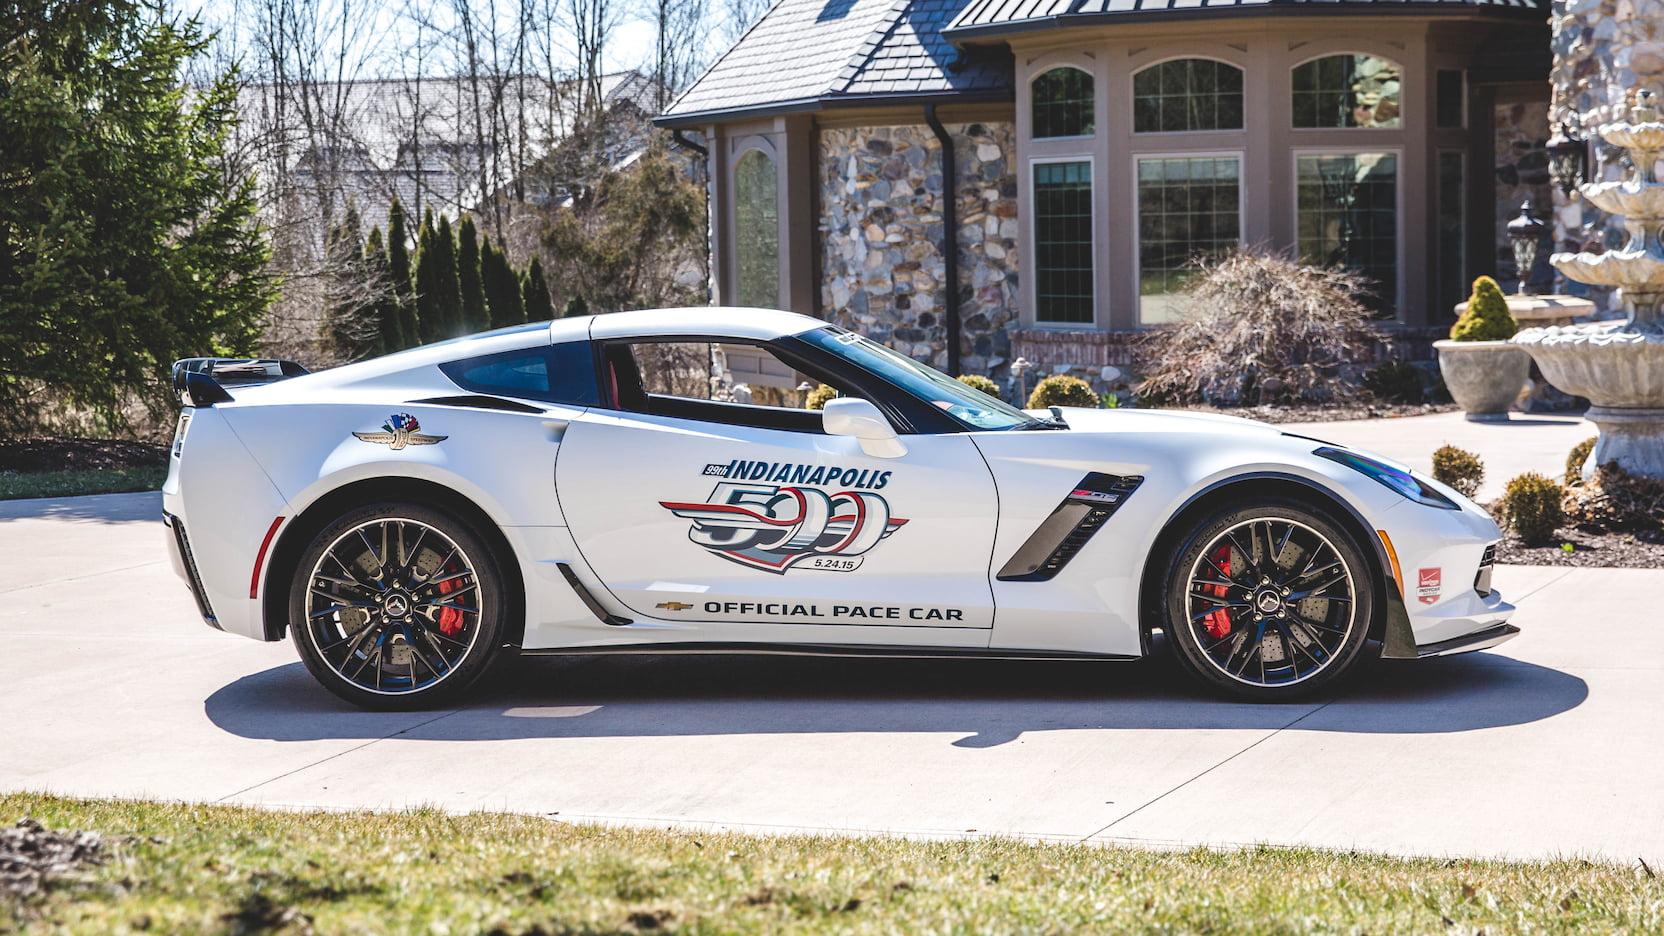 2015 Chevrolet Corvette Z06 Pace Car Edition Side